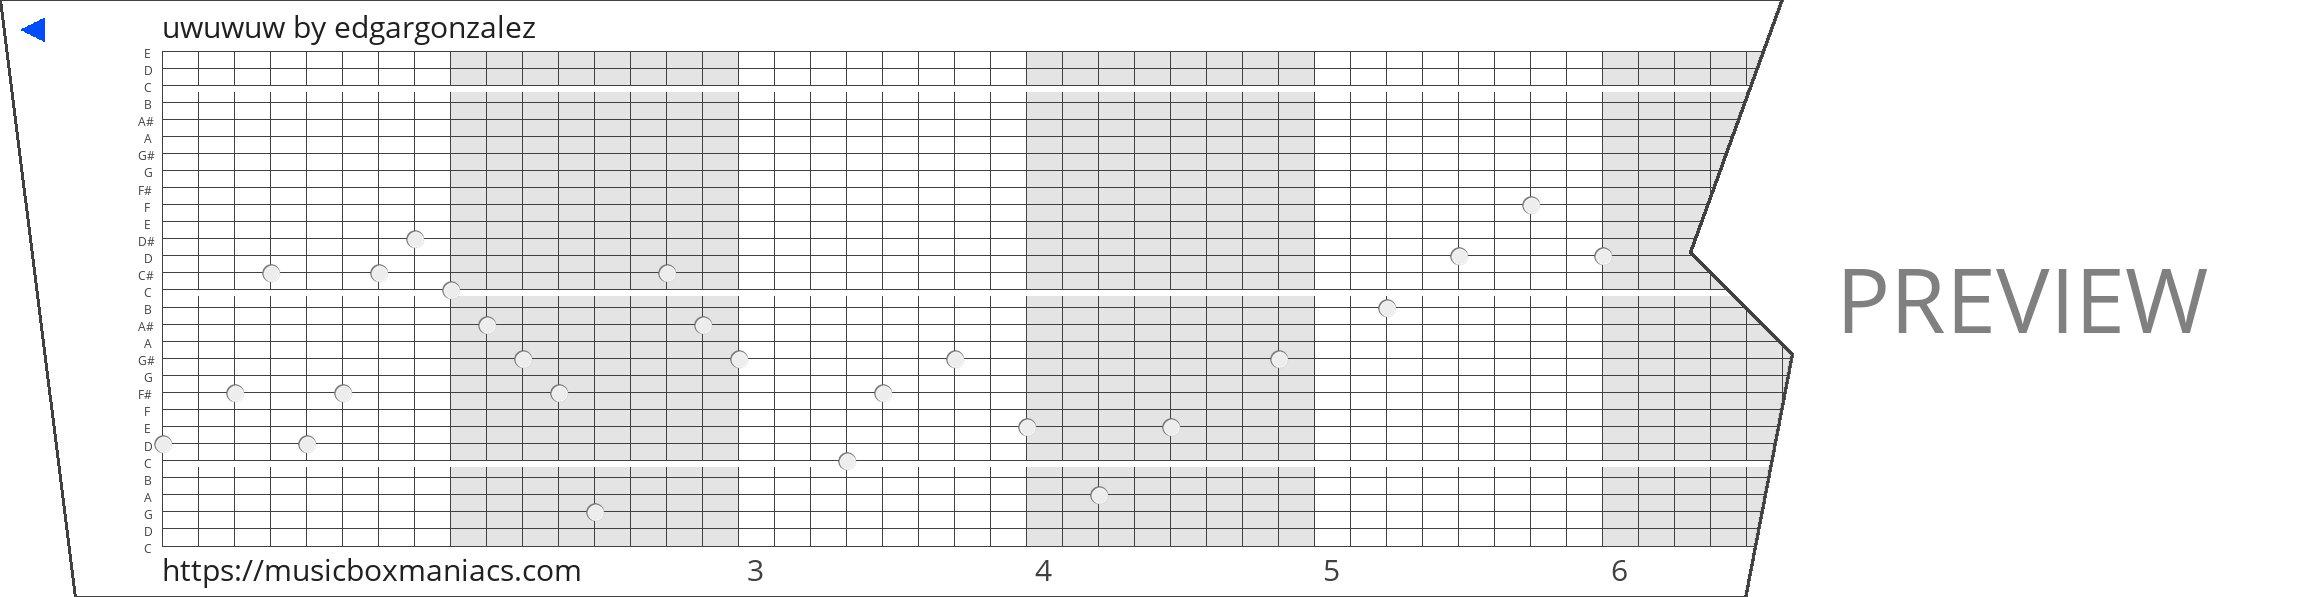 uwuwuw 30 note music box paper strip